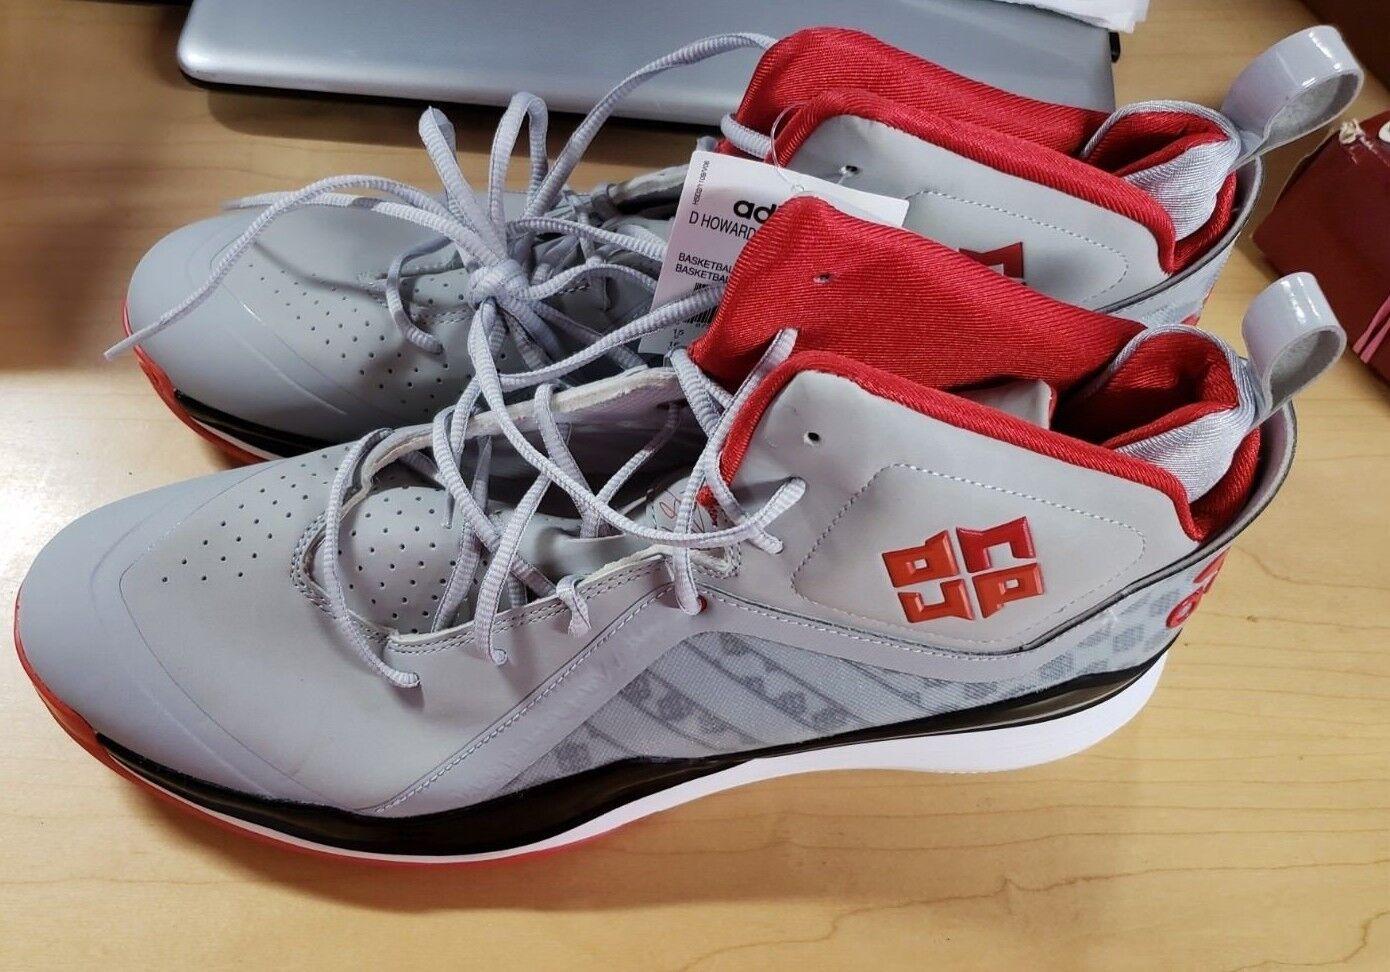 Adidas d howard 5 scarpe da 16 basket - uomo numero 16 da - grigio - rosso - nero 63a9e8